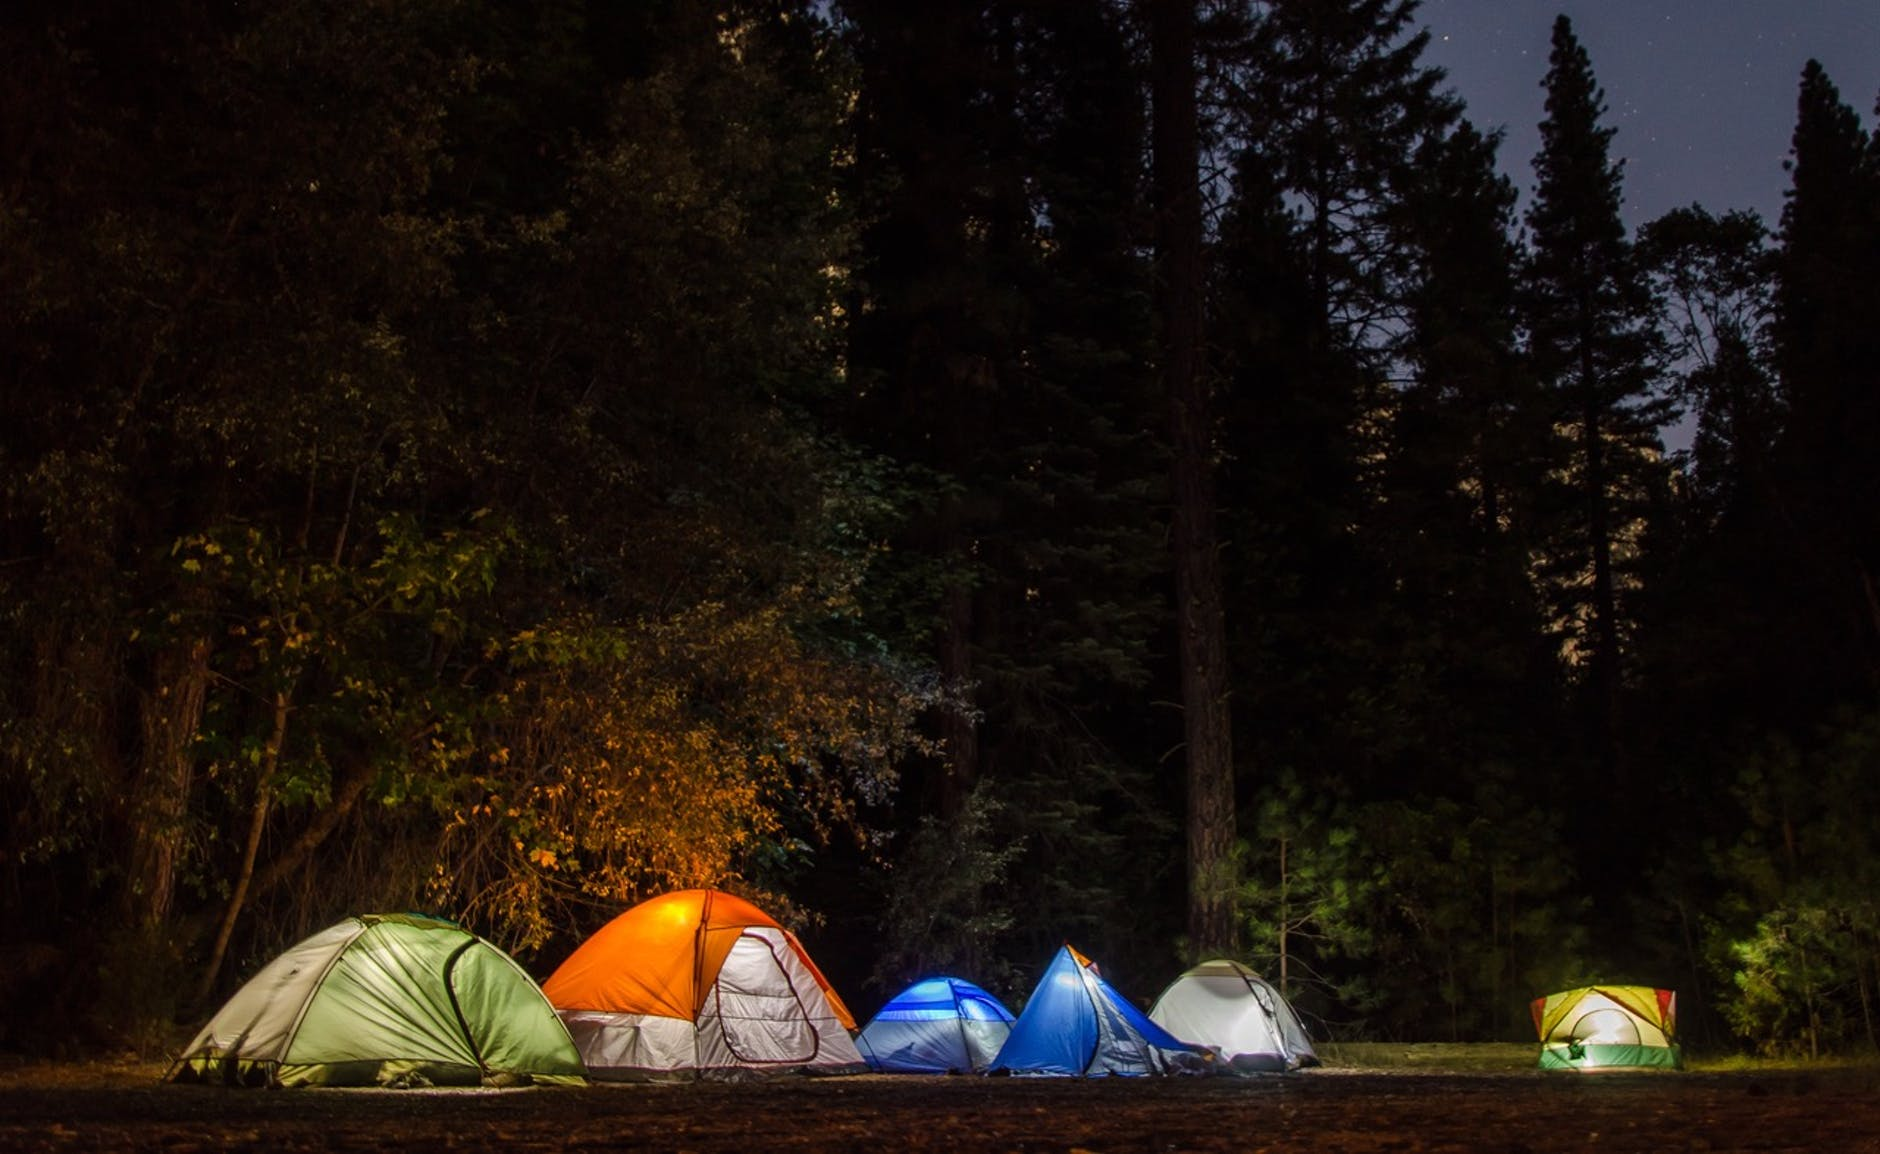 Hướng dẫn cho bạn cách đi cắm trại qua đêm an toàn